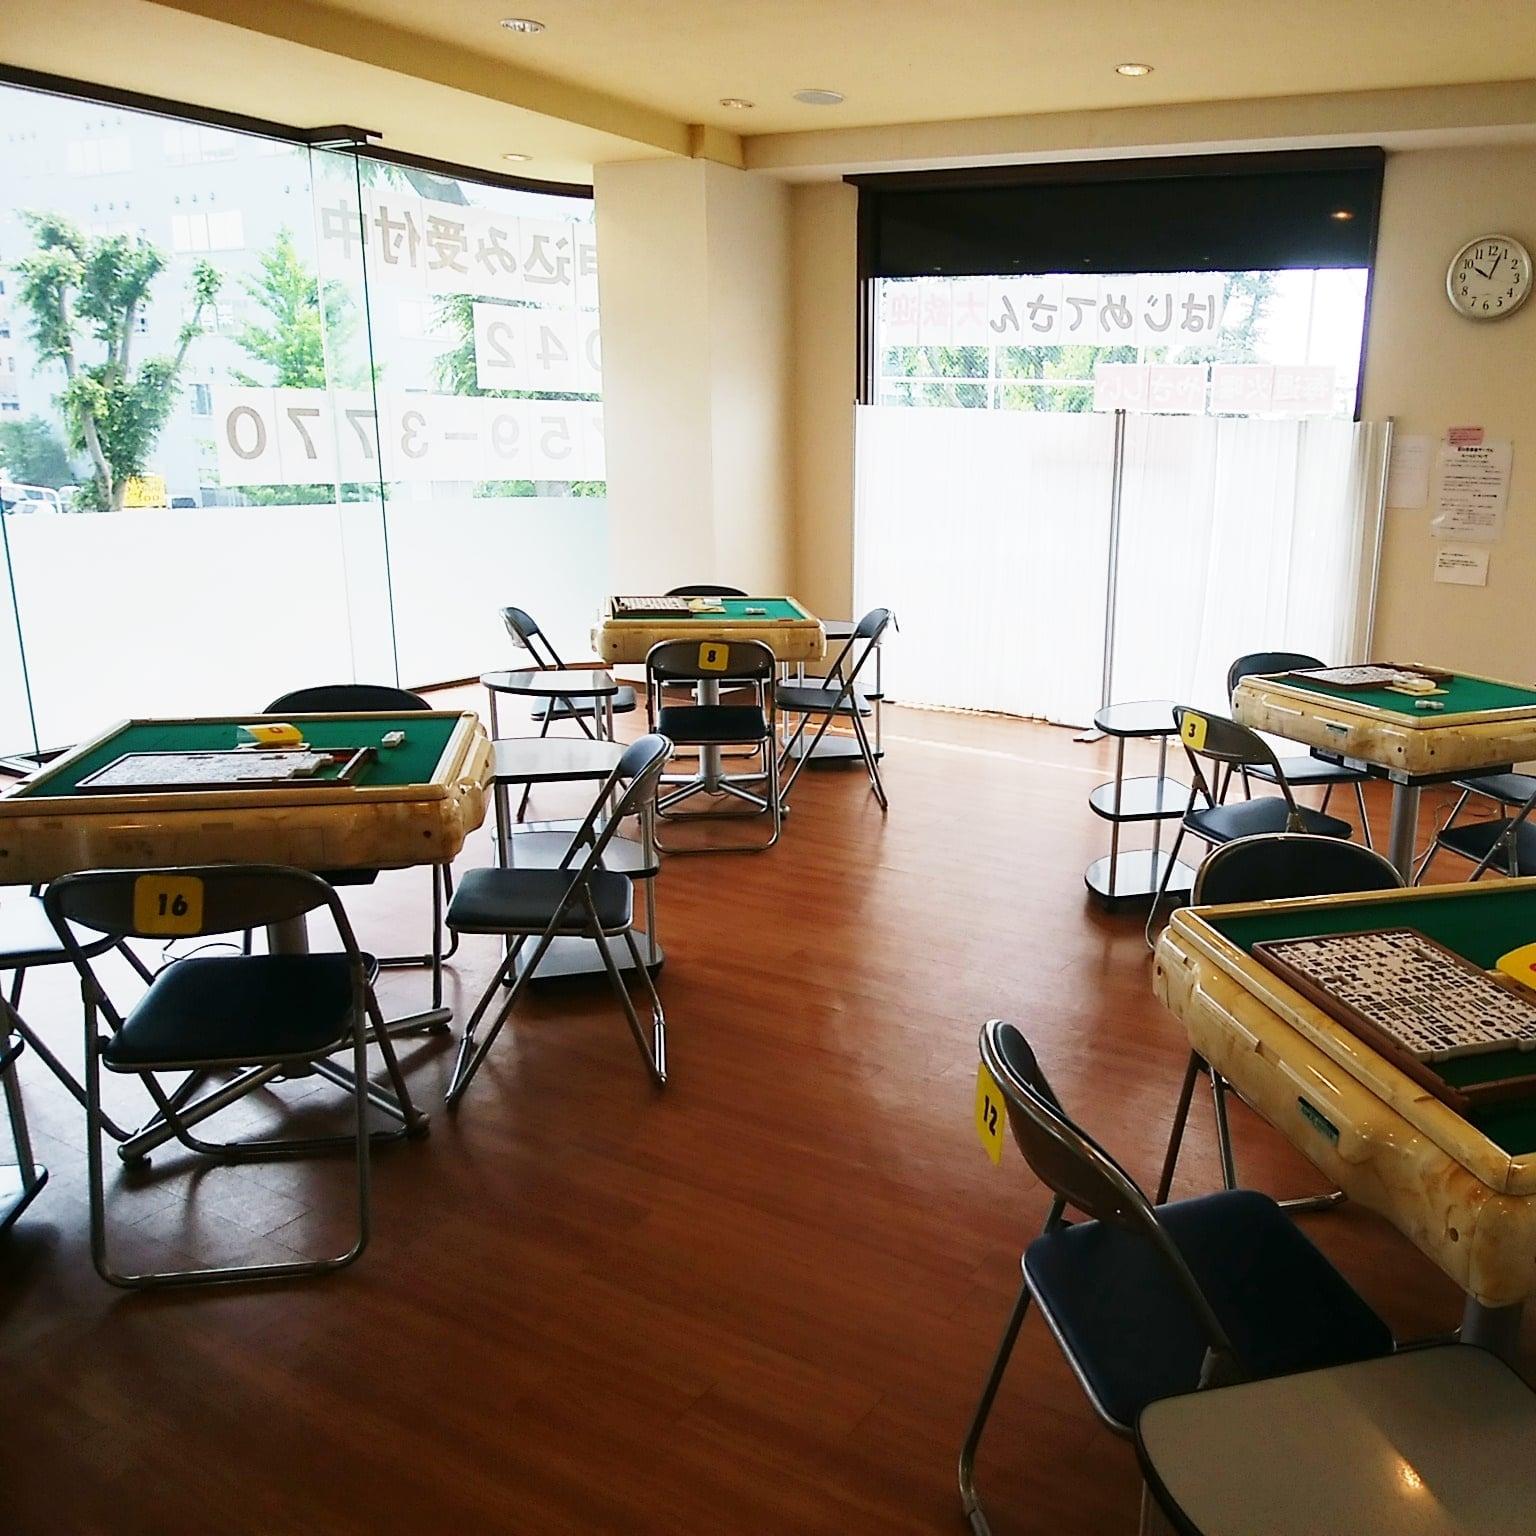 麻雀教室の麻雀卓